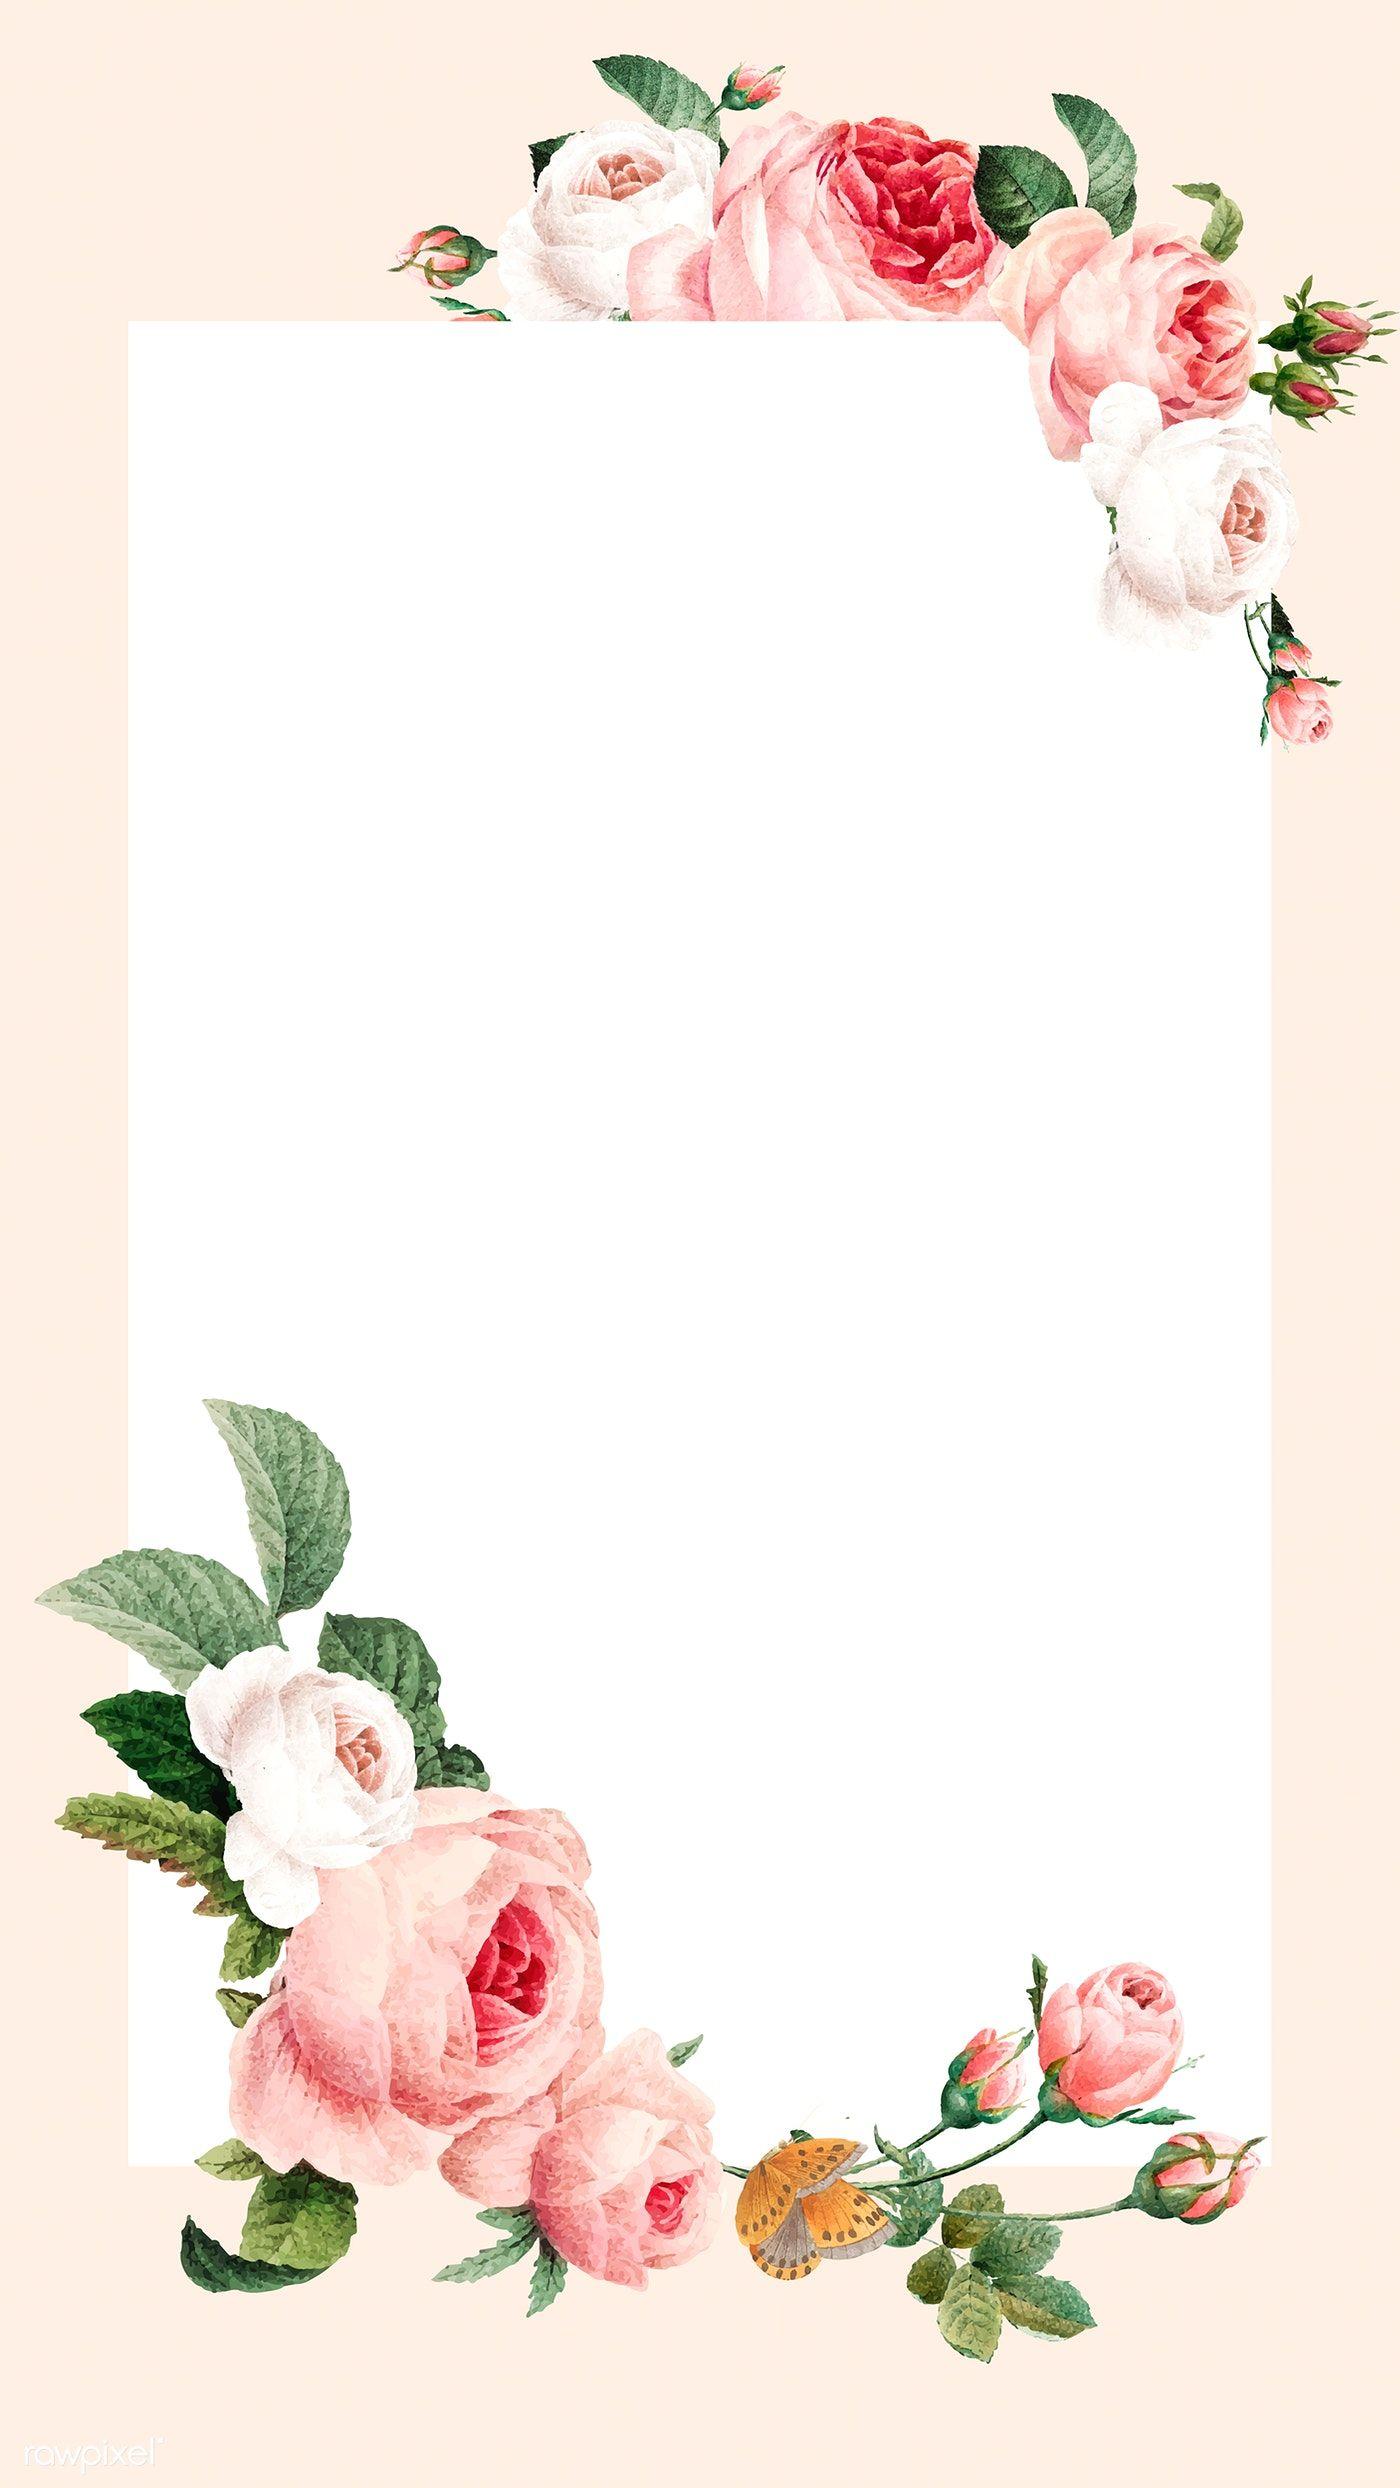 Download Premium Vector Of Blank Floral Rectangle Frame Vector Mobile Flower Phone Wallpaper Flower Frame Floral Border Design